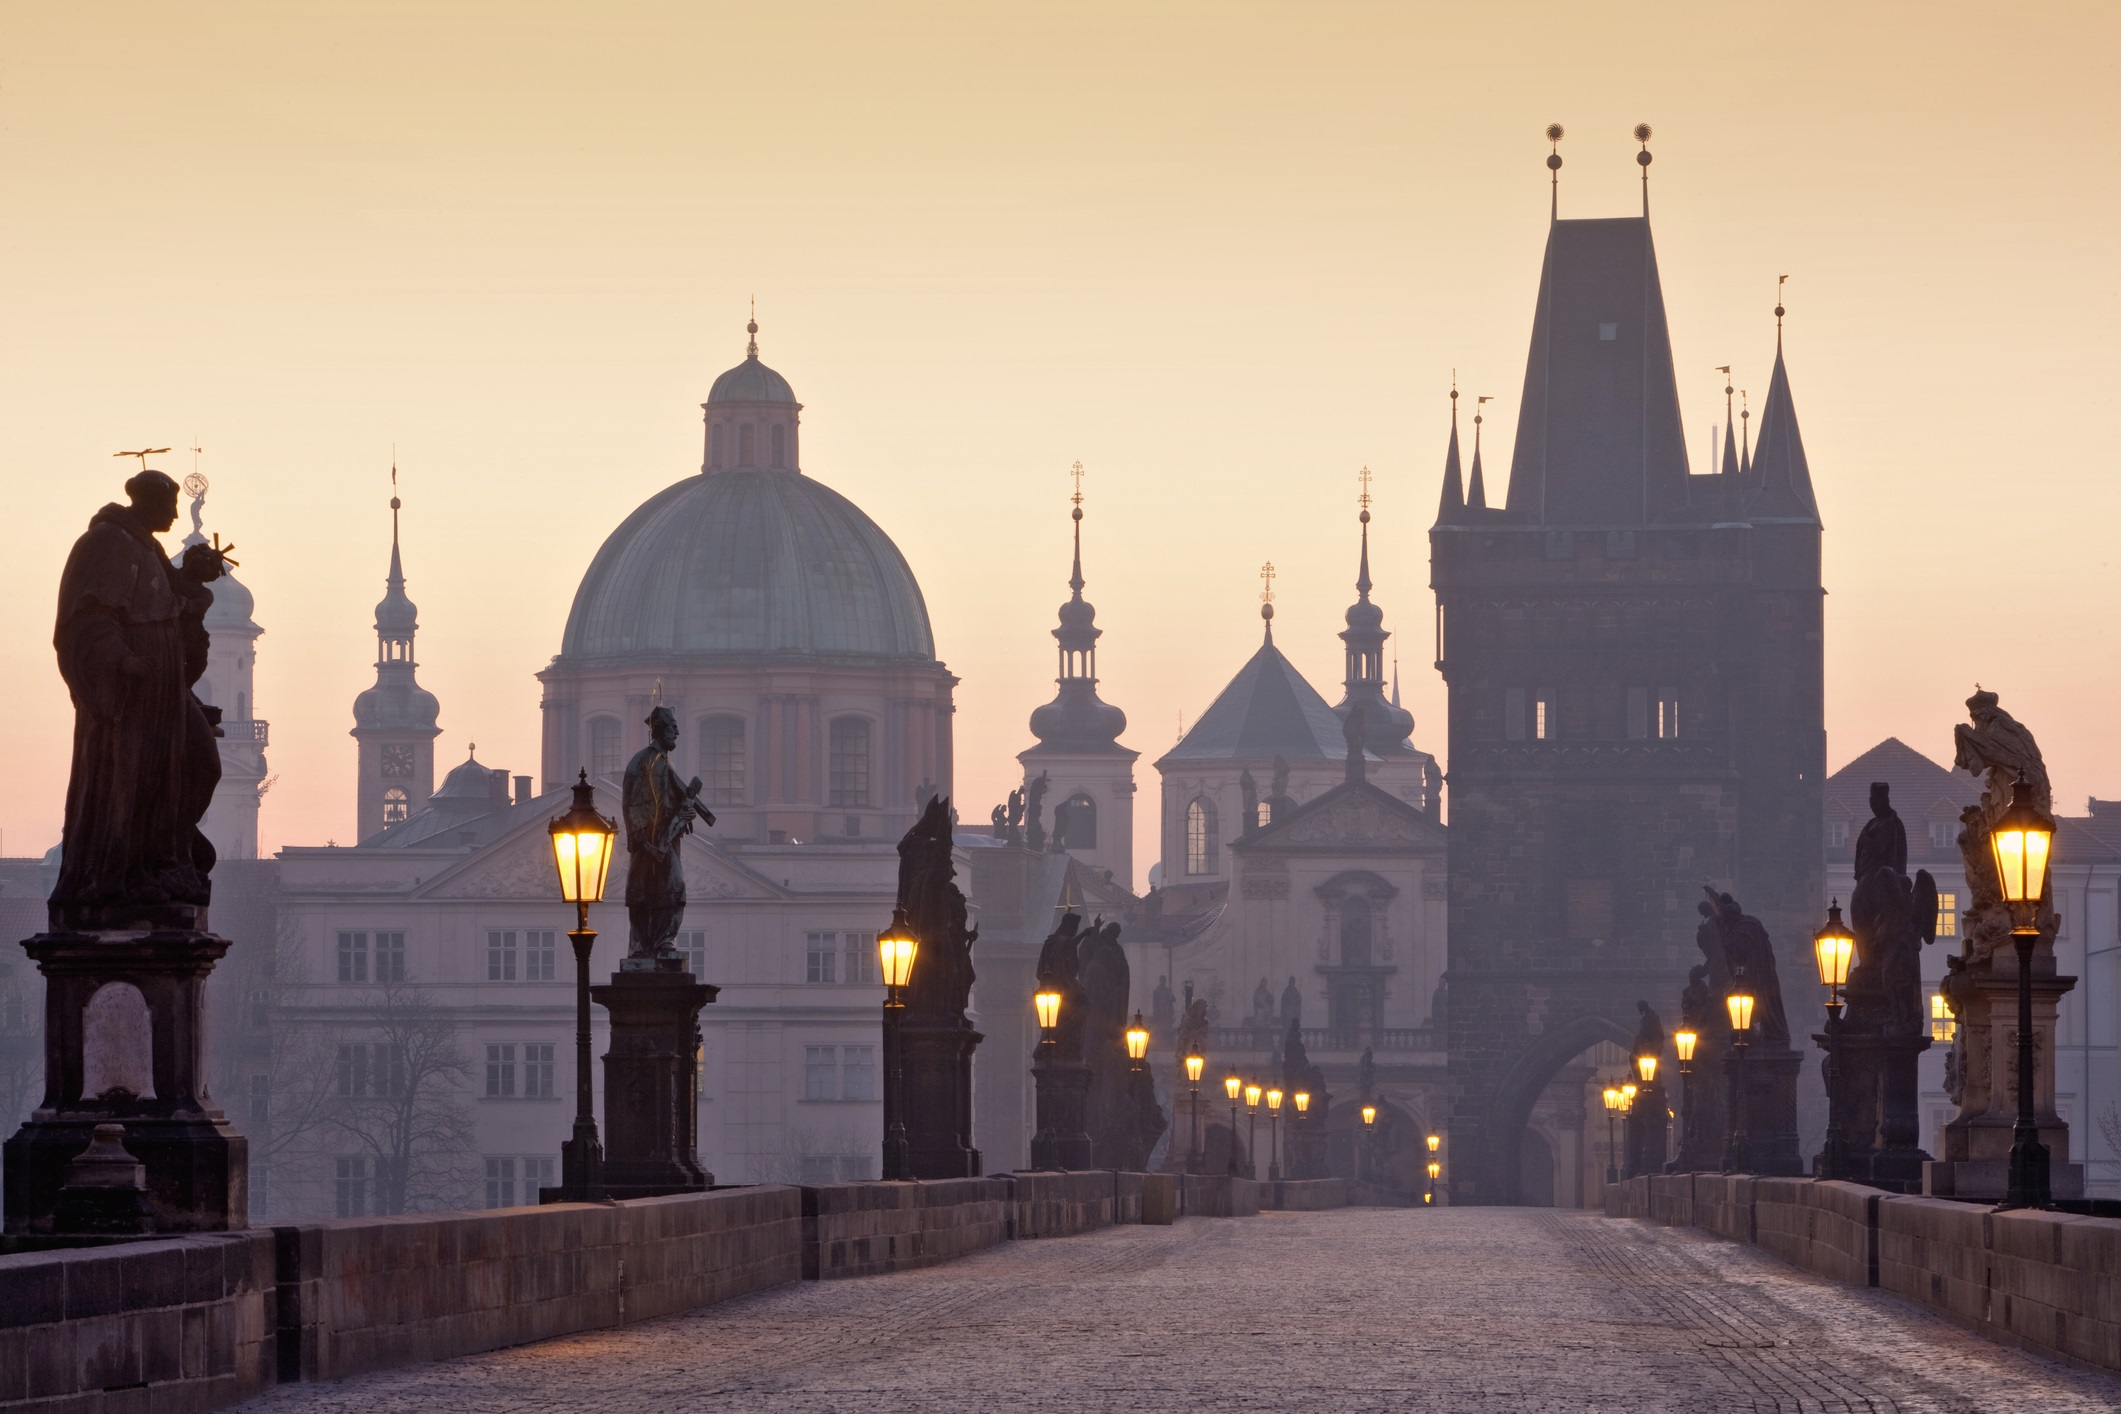 <p><strong>Карловият мост (Прага, Чехия)</strong></p>  <p>Известният мост е само една от многото забележителни забележителности в столицата на Чехия. Построен преди повече от 600 години, Карловият мост се простира през река Вълтава и е украсен с 30 каменни статуи на светци.</p>